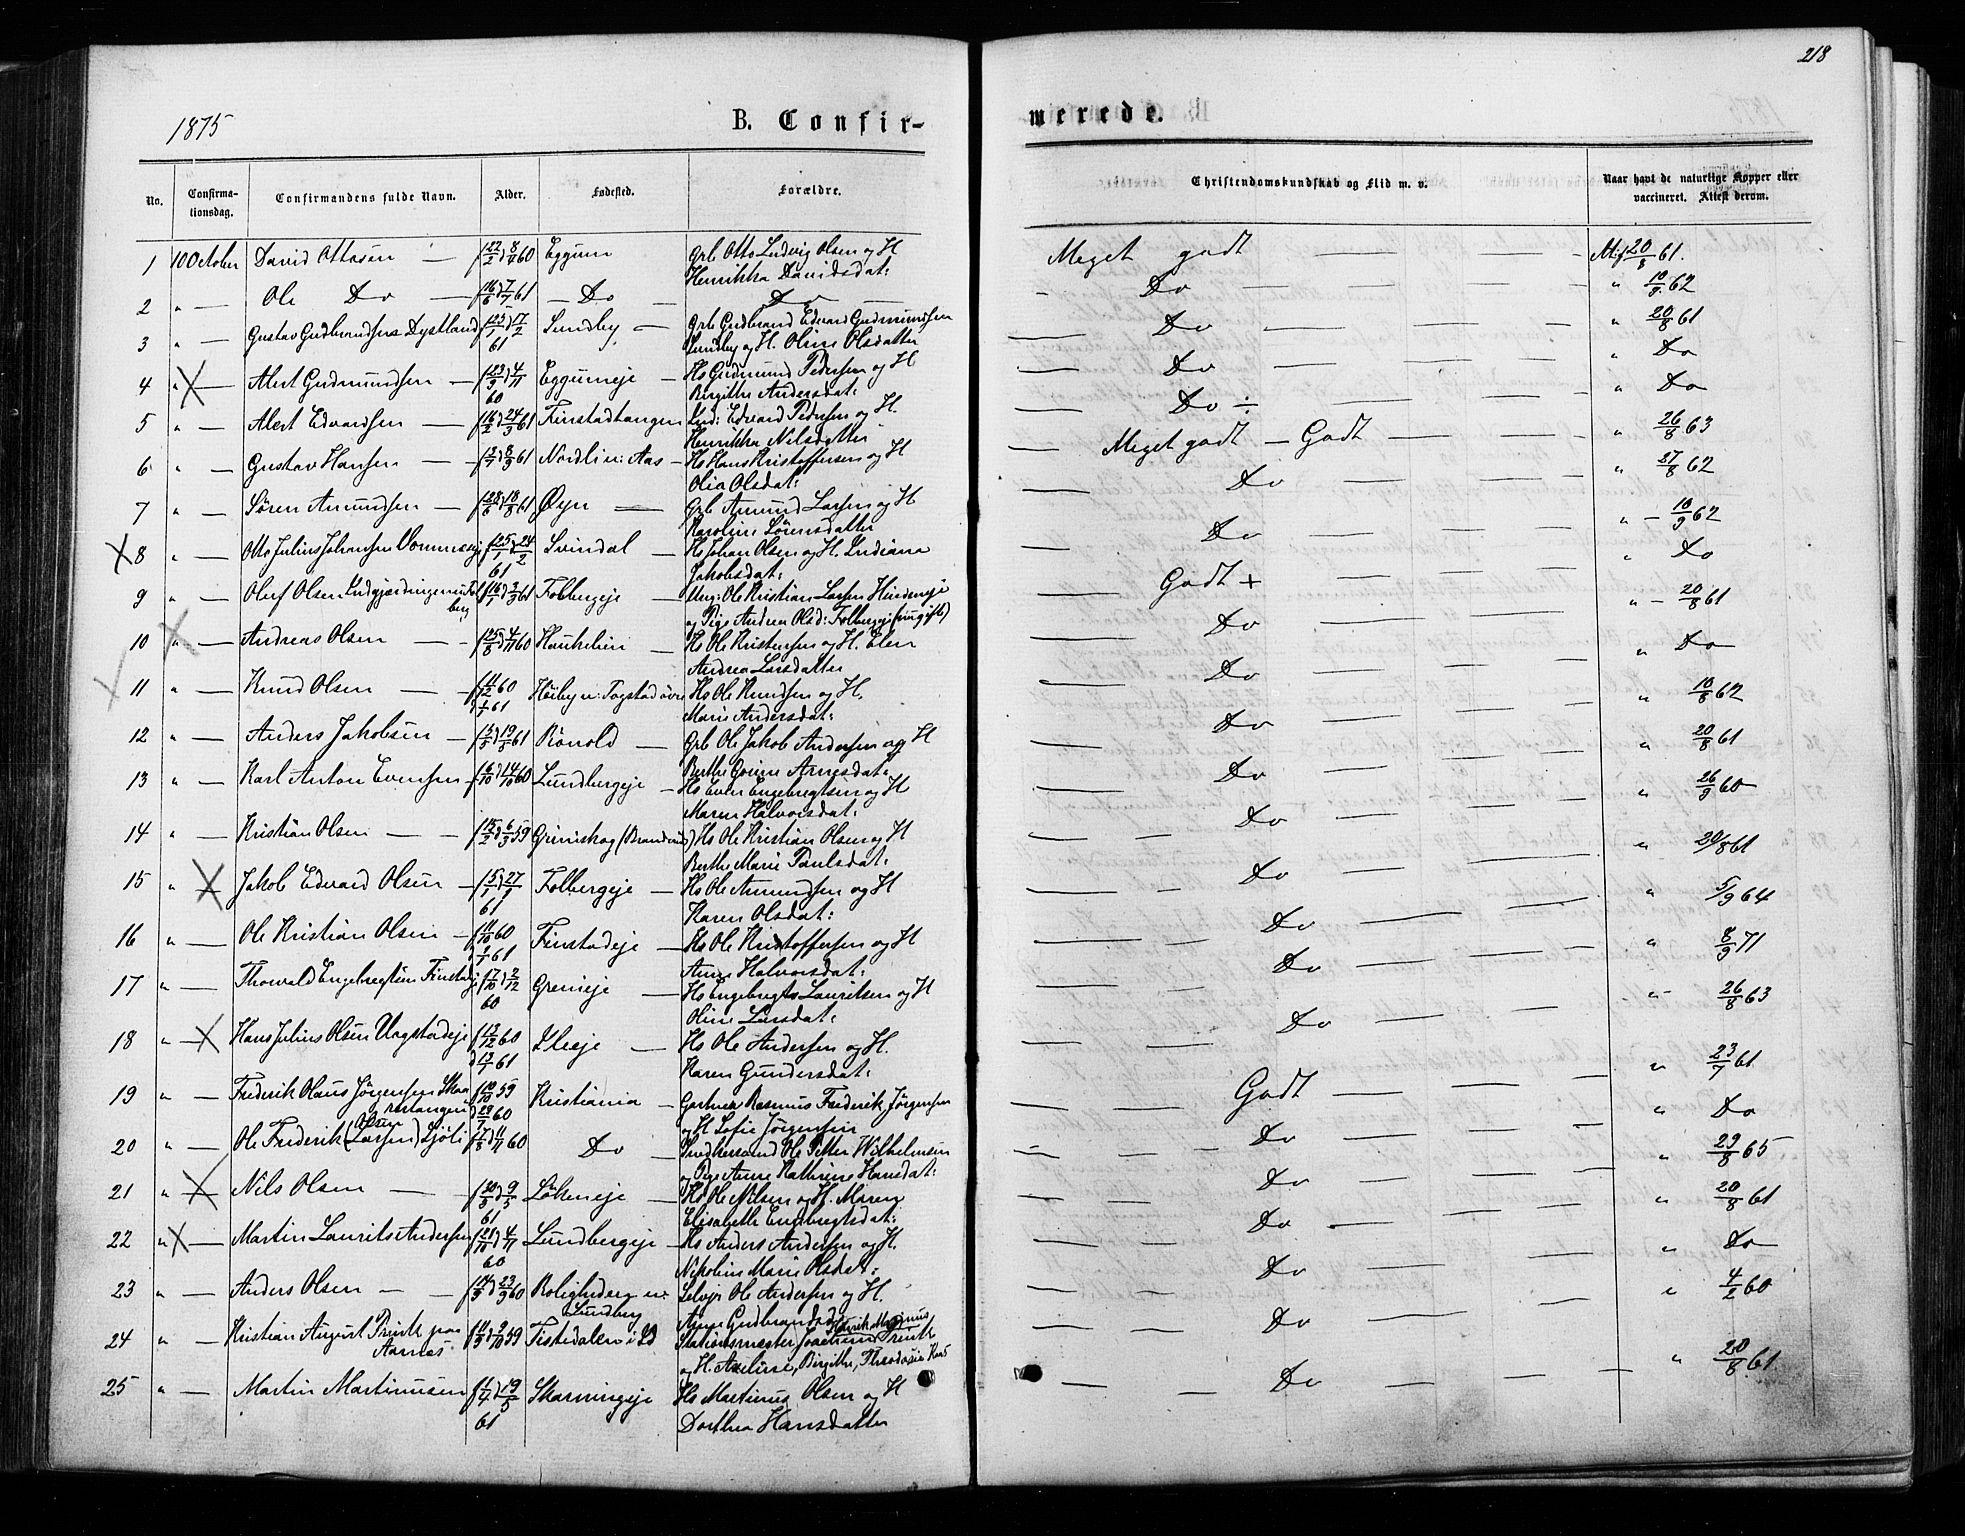 SAO, Nes prestekontor Kirkebøker, F/Fa/L0009: Ministerialbok nr. I 9, 1875-1882, s. 218